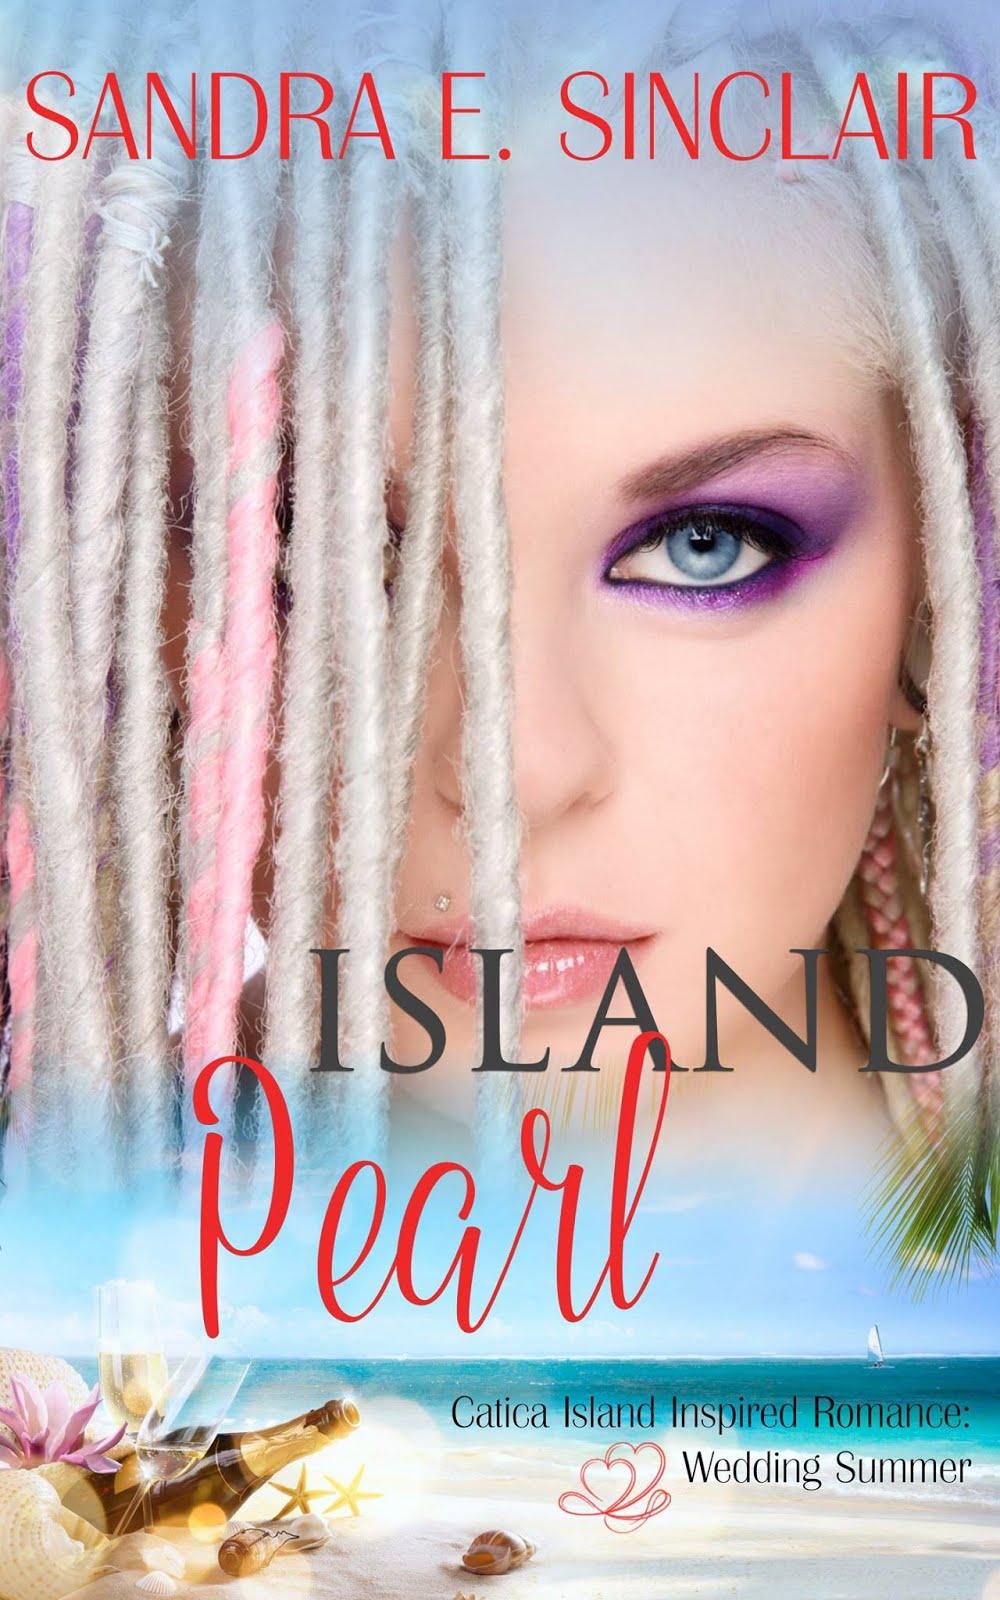 Island Pearl